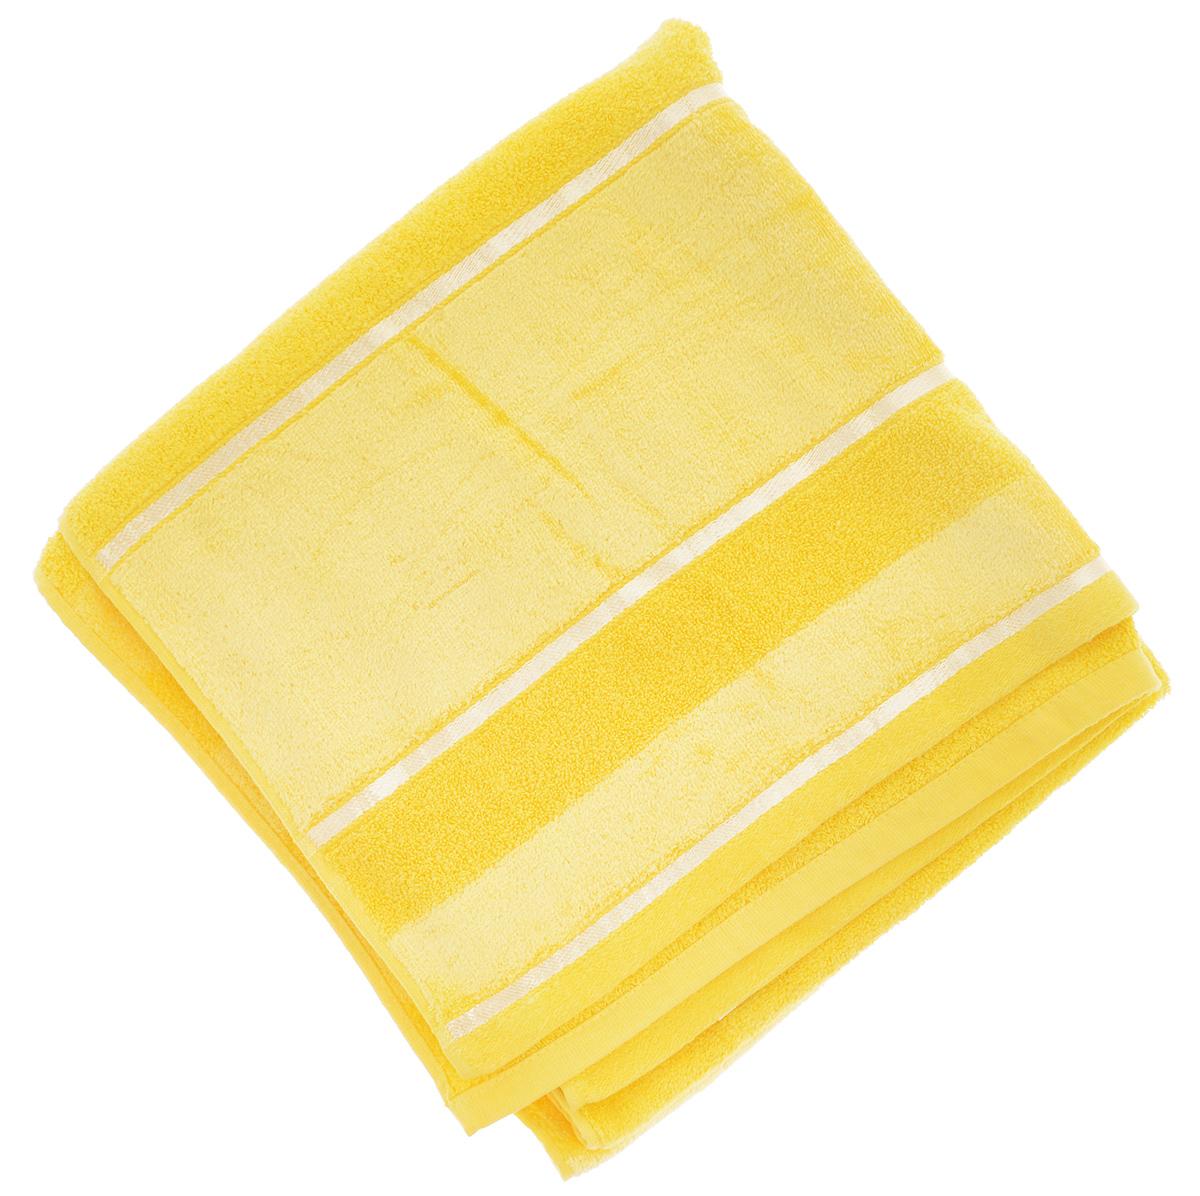 Полотенце Soavita Louise, цвет: желтый, 70 х 140 см64035Полотенце Soavita Louise выполнено из 100% хлопка. Вседетали качественно прошиты, ткань очень плотная, не линяет идержится много лет. Изделие отлично впитывает влагу, быстросохнет, сохраняет яркость цвета и не теряет форму даже послемногократных стирок.Полотенце очень практично и неприхотливо в уходе. Оносоздаст прекрасное настроение и украсит интерьер в ваннойкомнате.